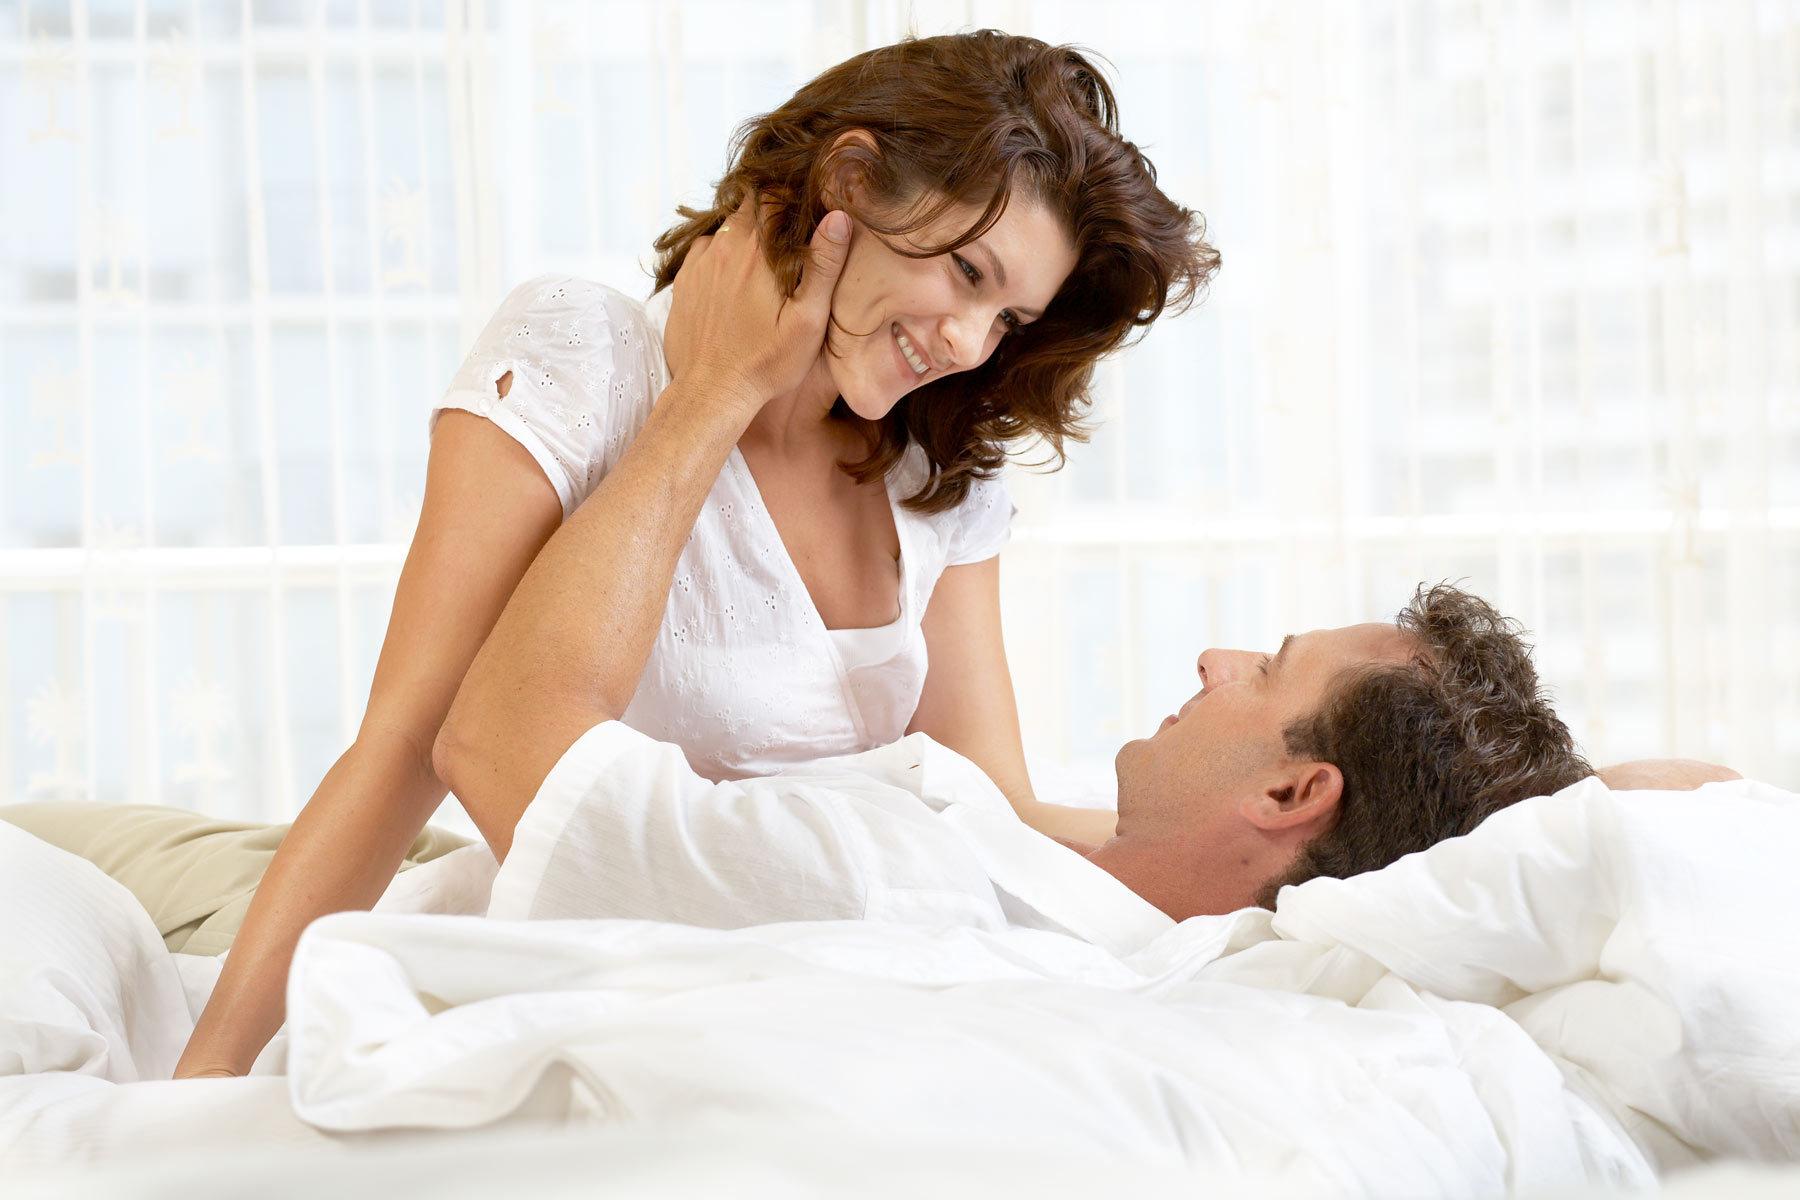 Sau khi sinh vợ bỗng yêu nồng nhiệt hơn - Ảnh 1